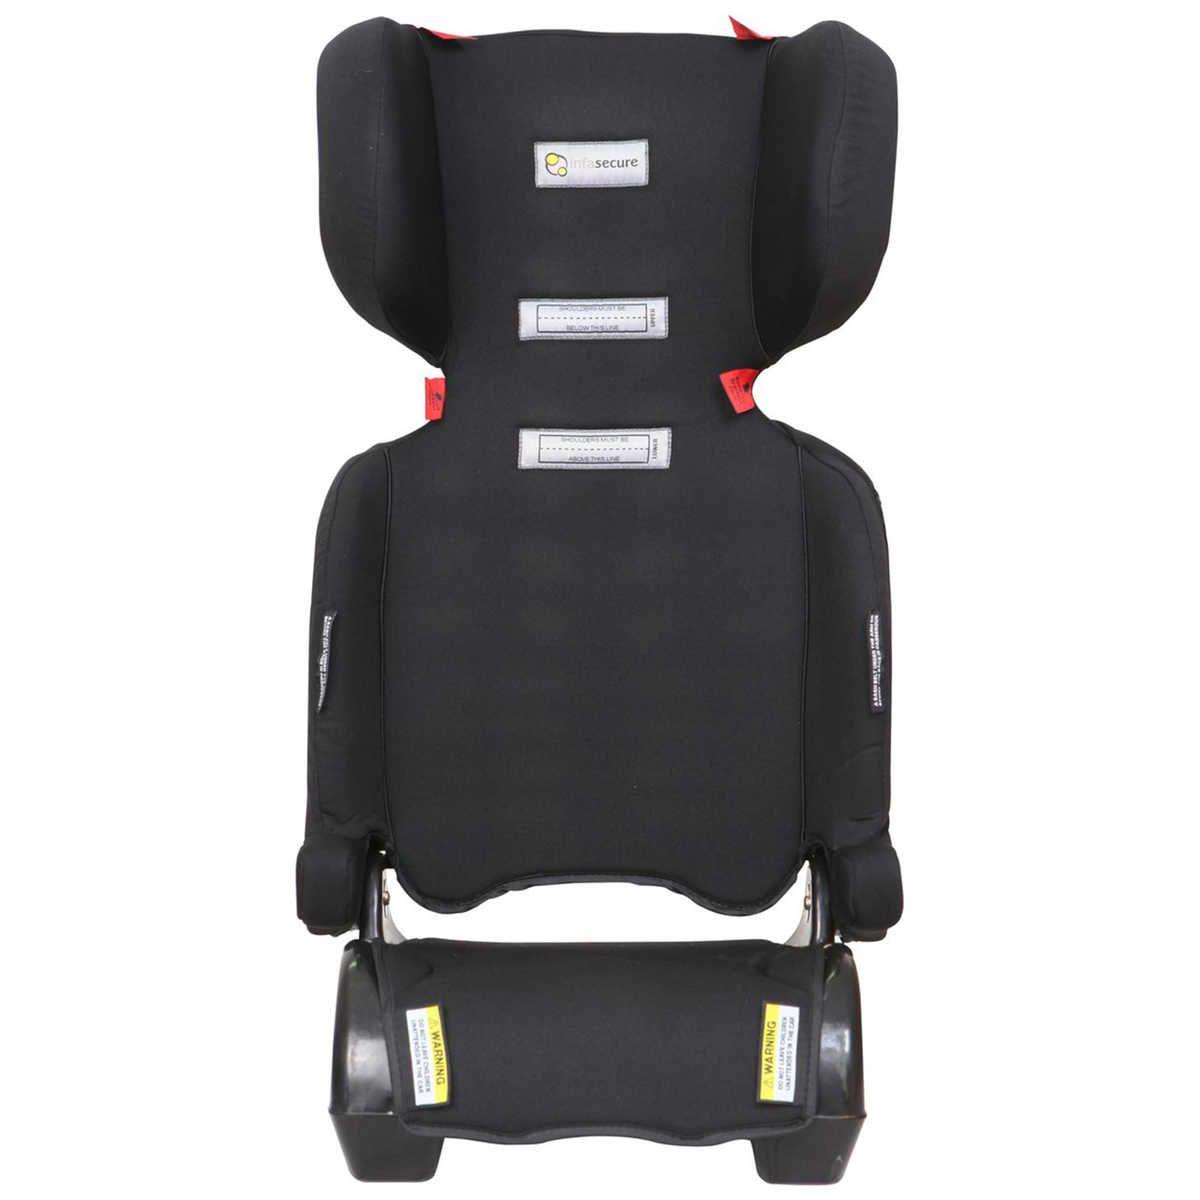 InfaSecure Traveller Folding Booster Seat - Black   BIG W ...